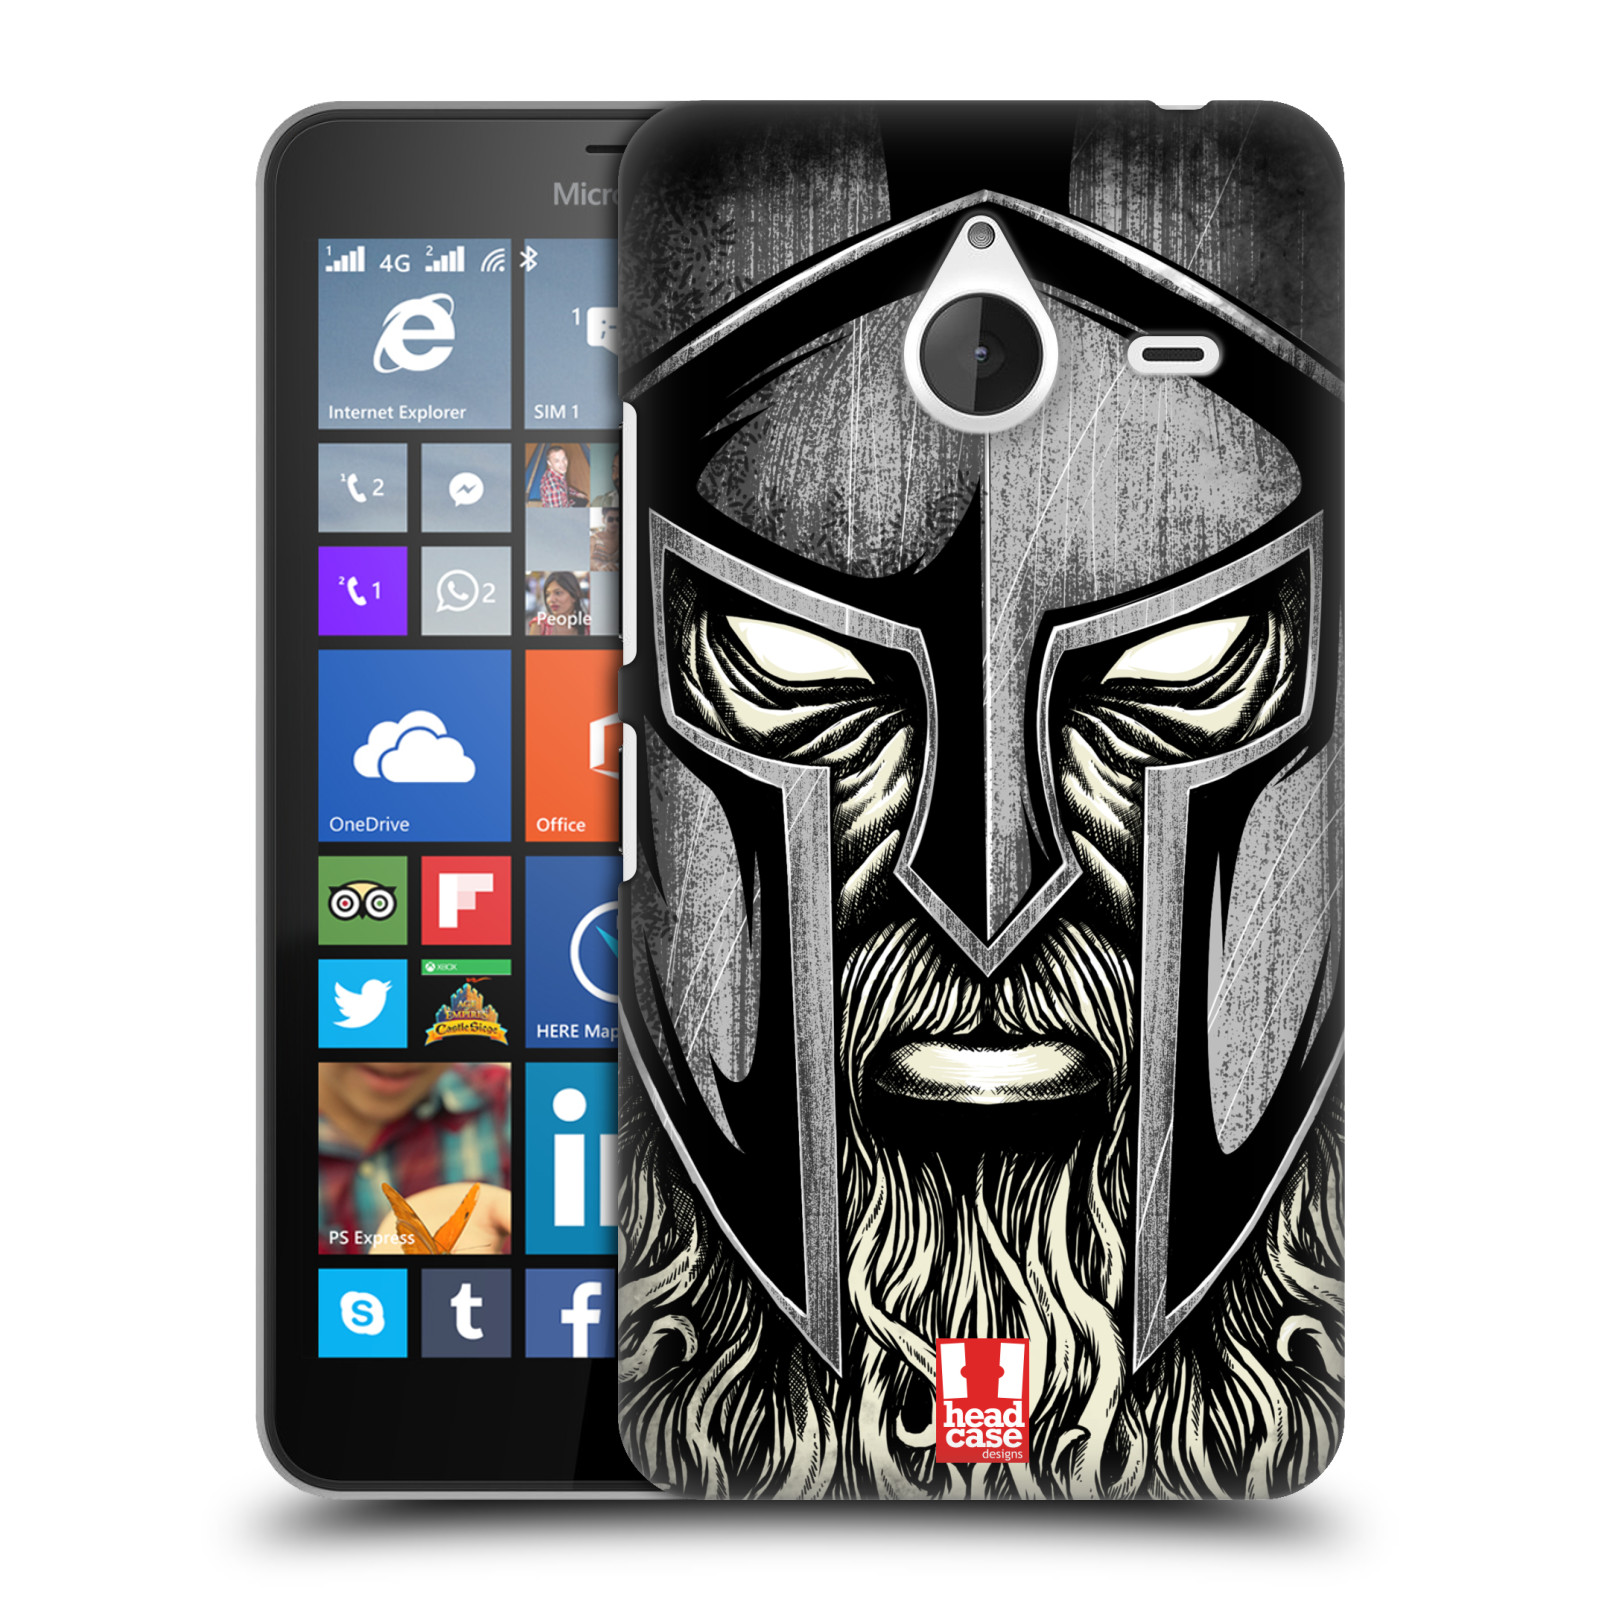 Plastové pouzdro na mobil Microsoft Lumia 640 XL - Head Case - Vousáč válečník (Plastový kryt či obal na mobilní telefon s motivem bojovníka pro Microsoft Lumia 640 XL)